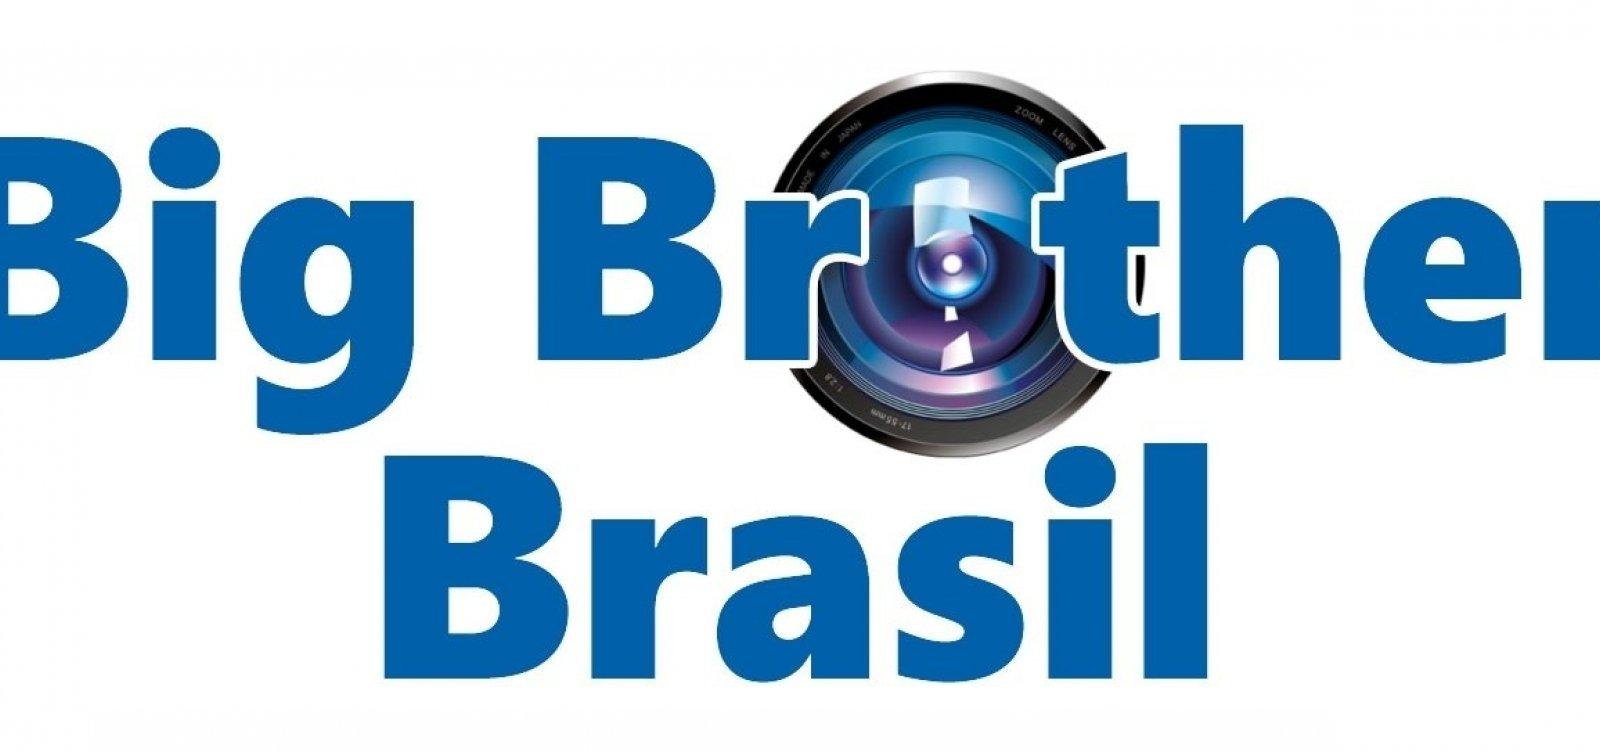 Globo toma medidas para evitar votos de robôs no BBB 19